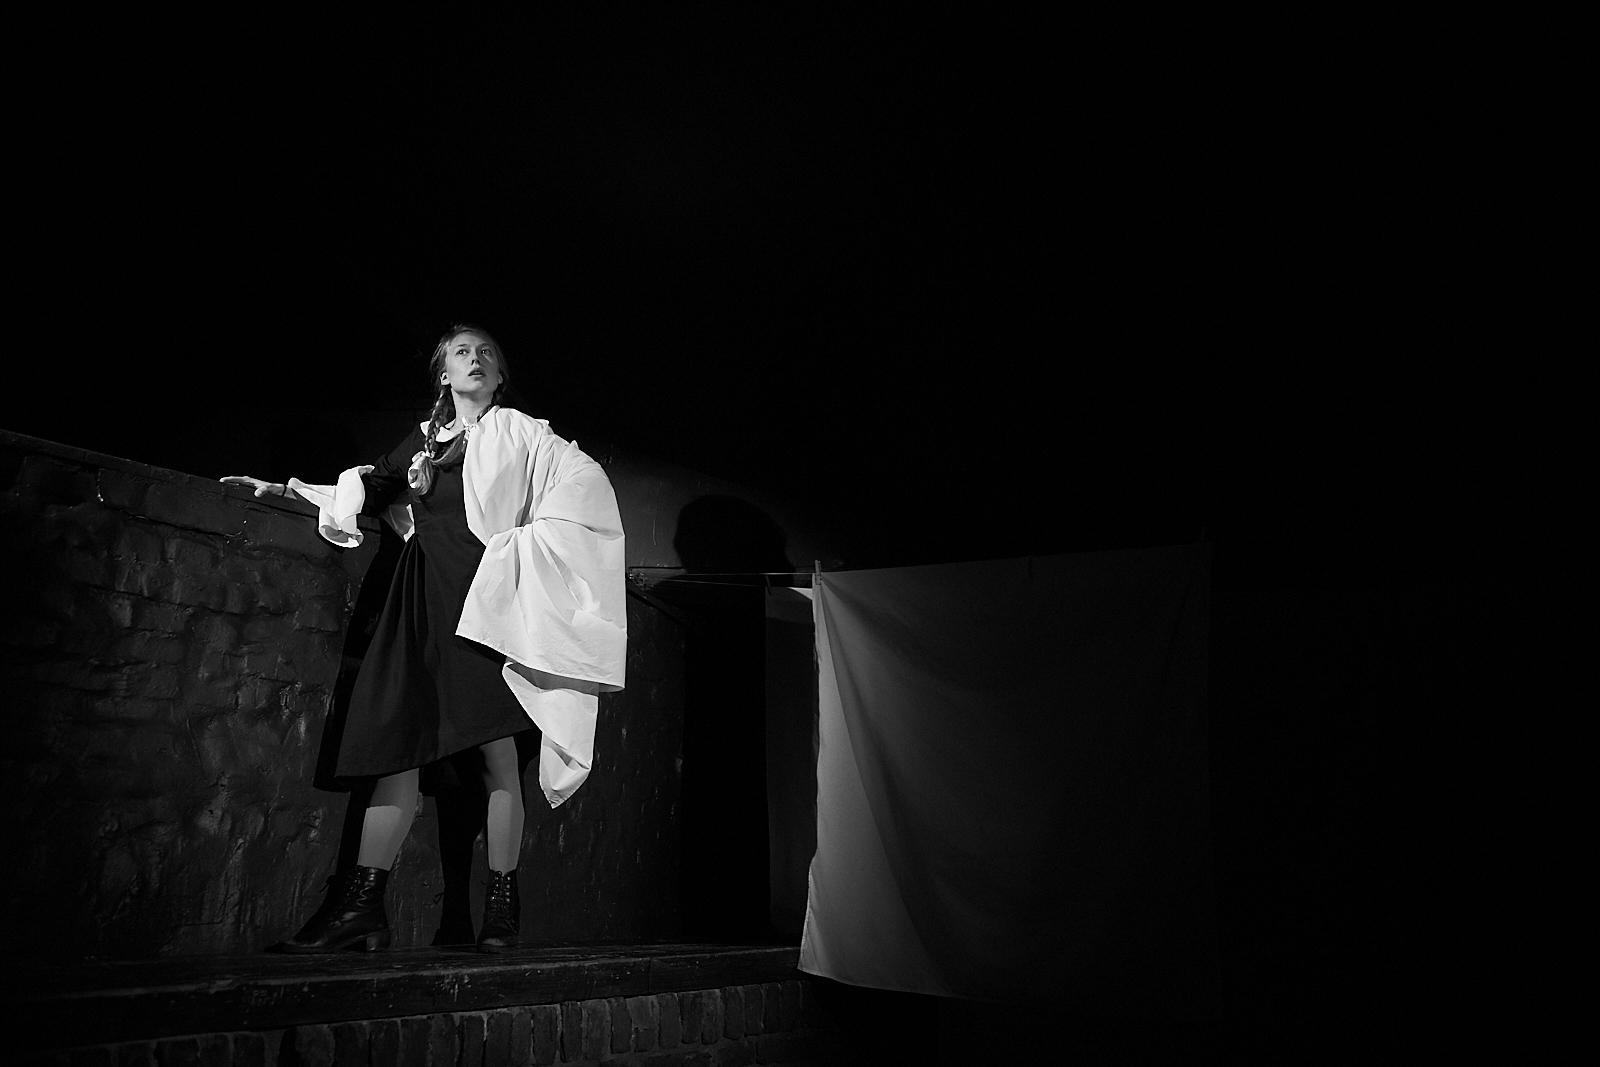 Моноспектакль «Ленинградская мадонна»: основано на реальных событиях